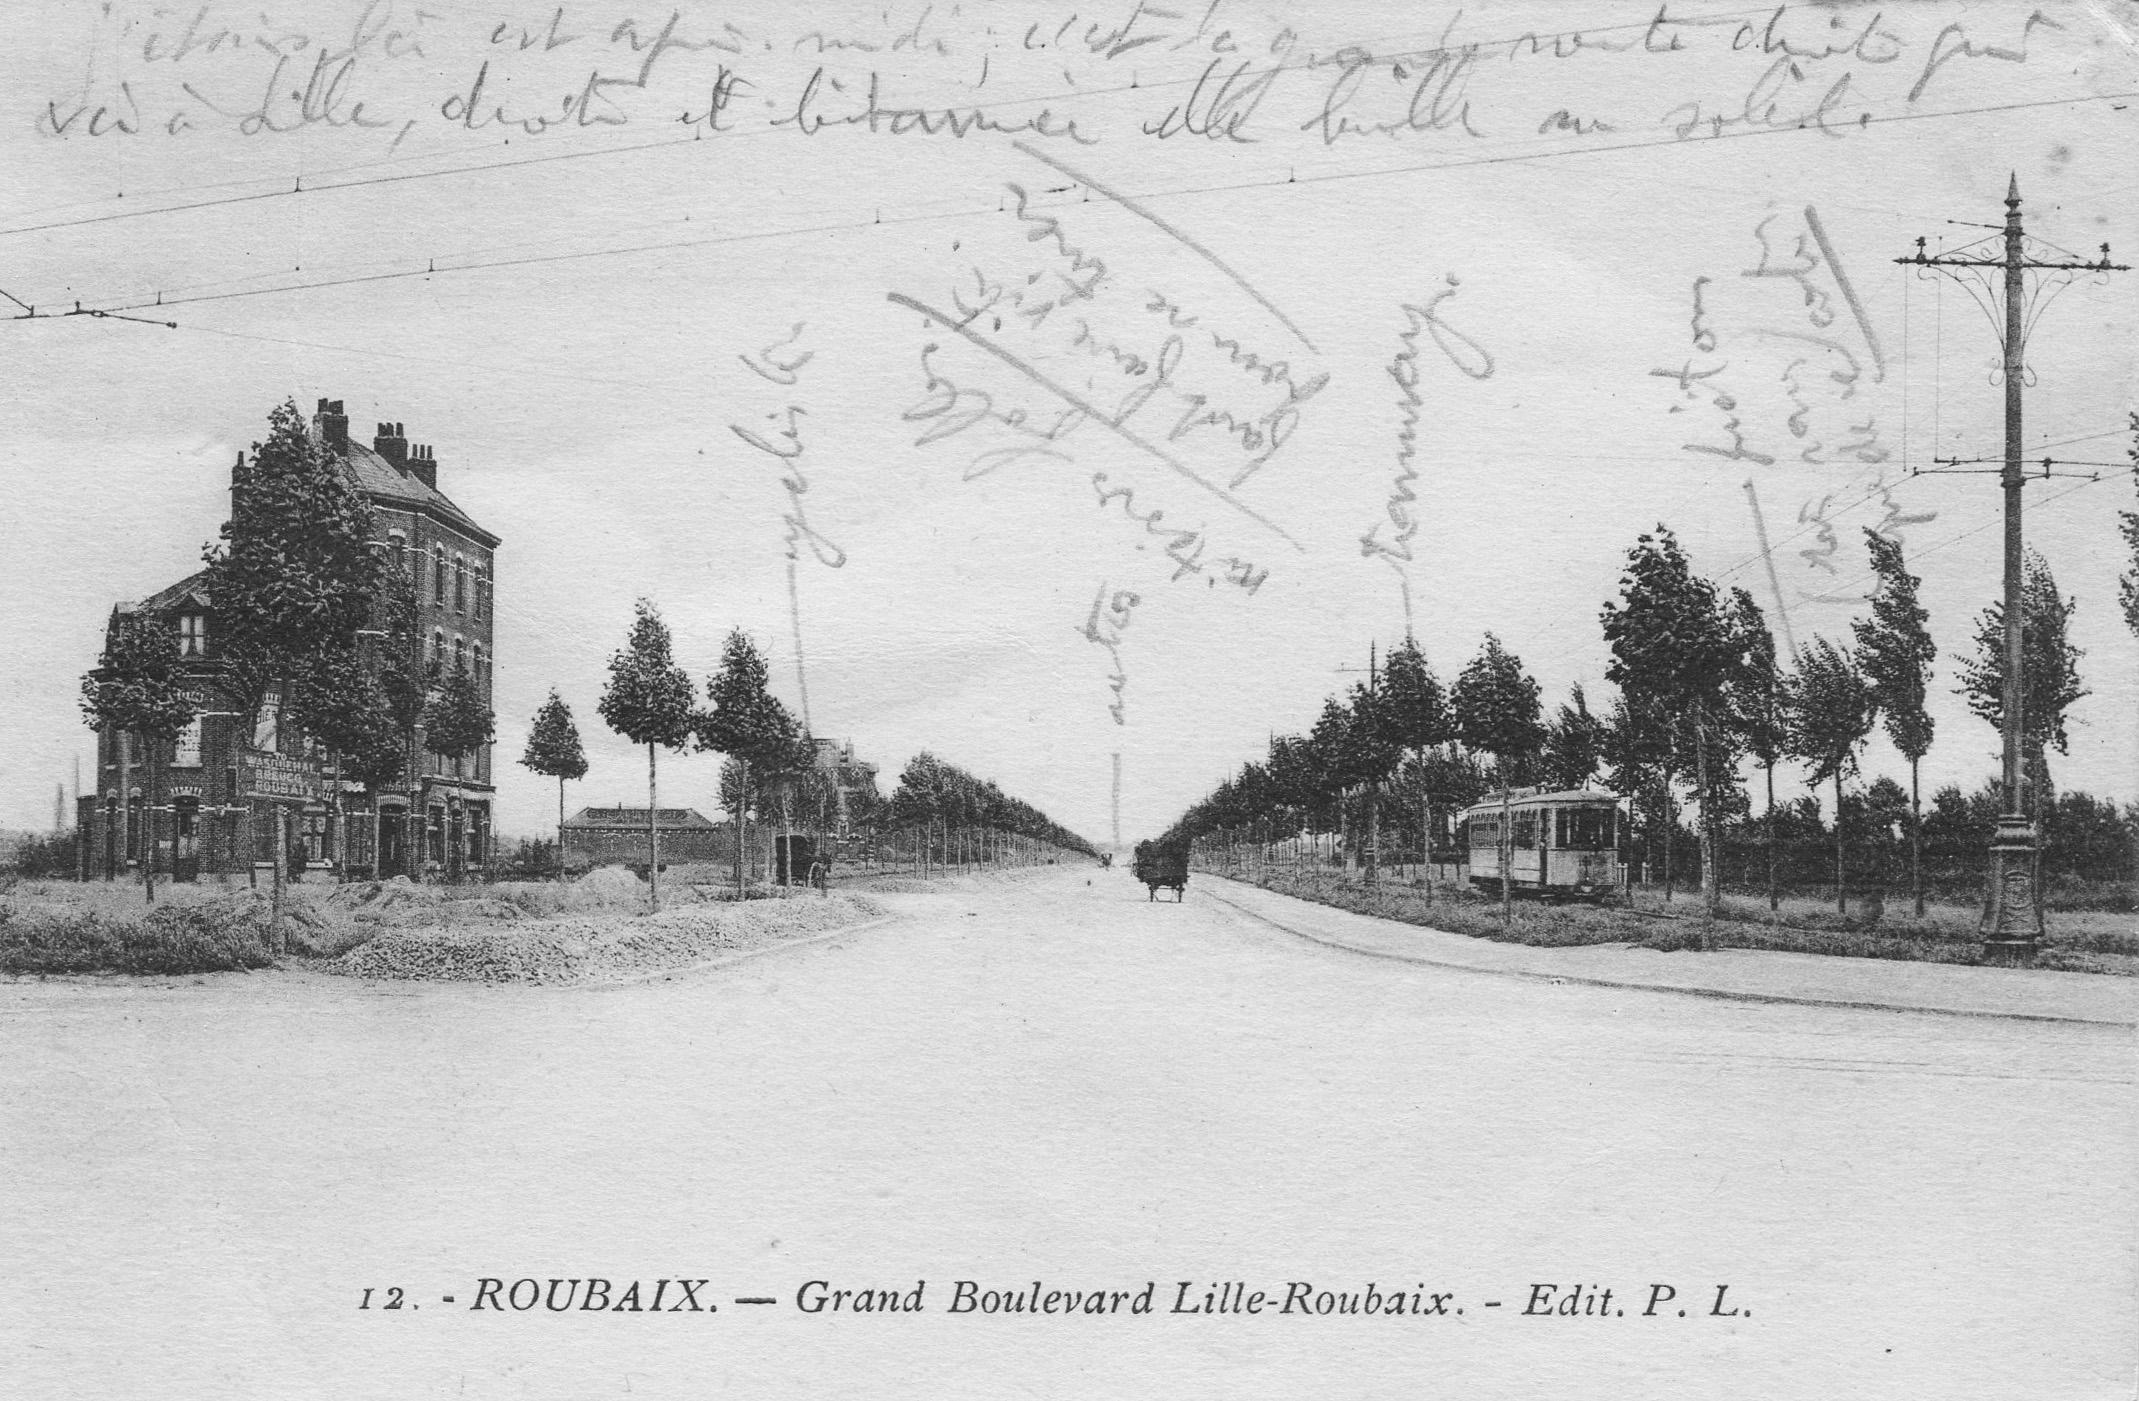 Râches - Roubaix